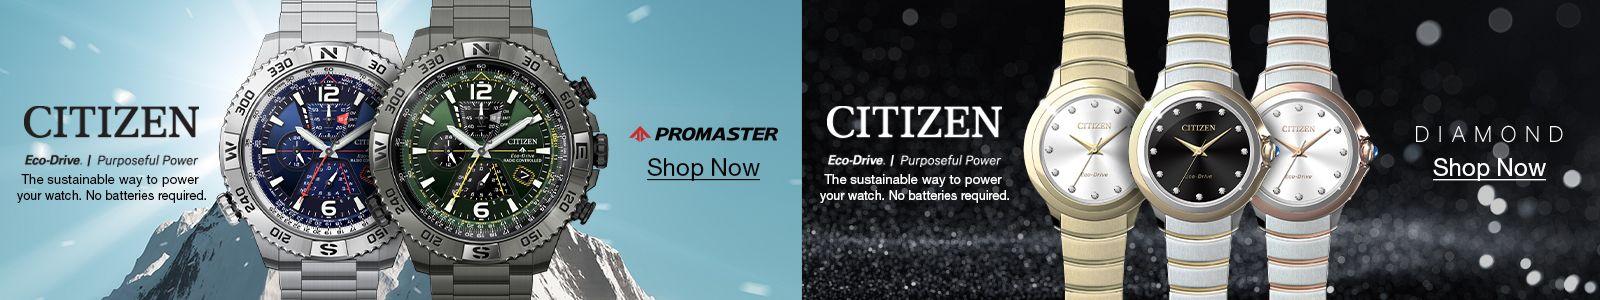 Citizen, Promaster, Shop Now, Citizen, Diamond, Shop Now